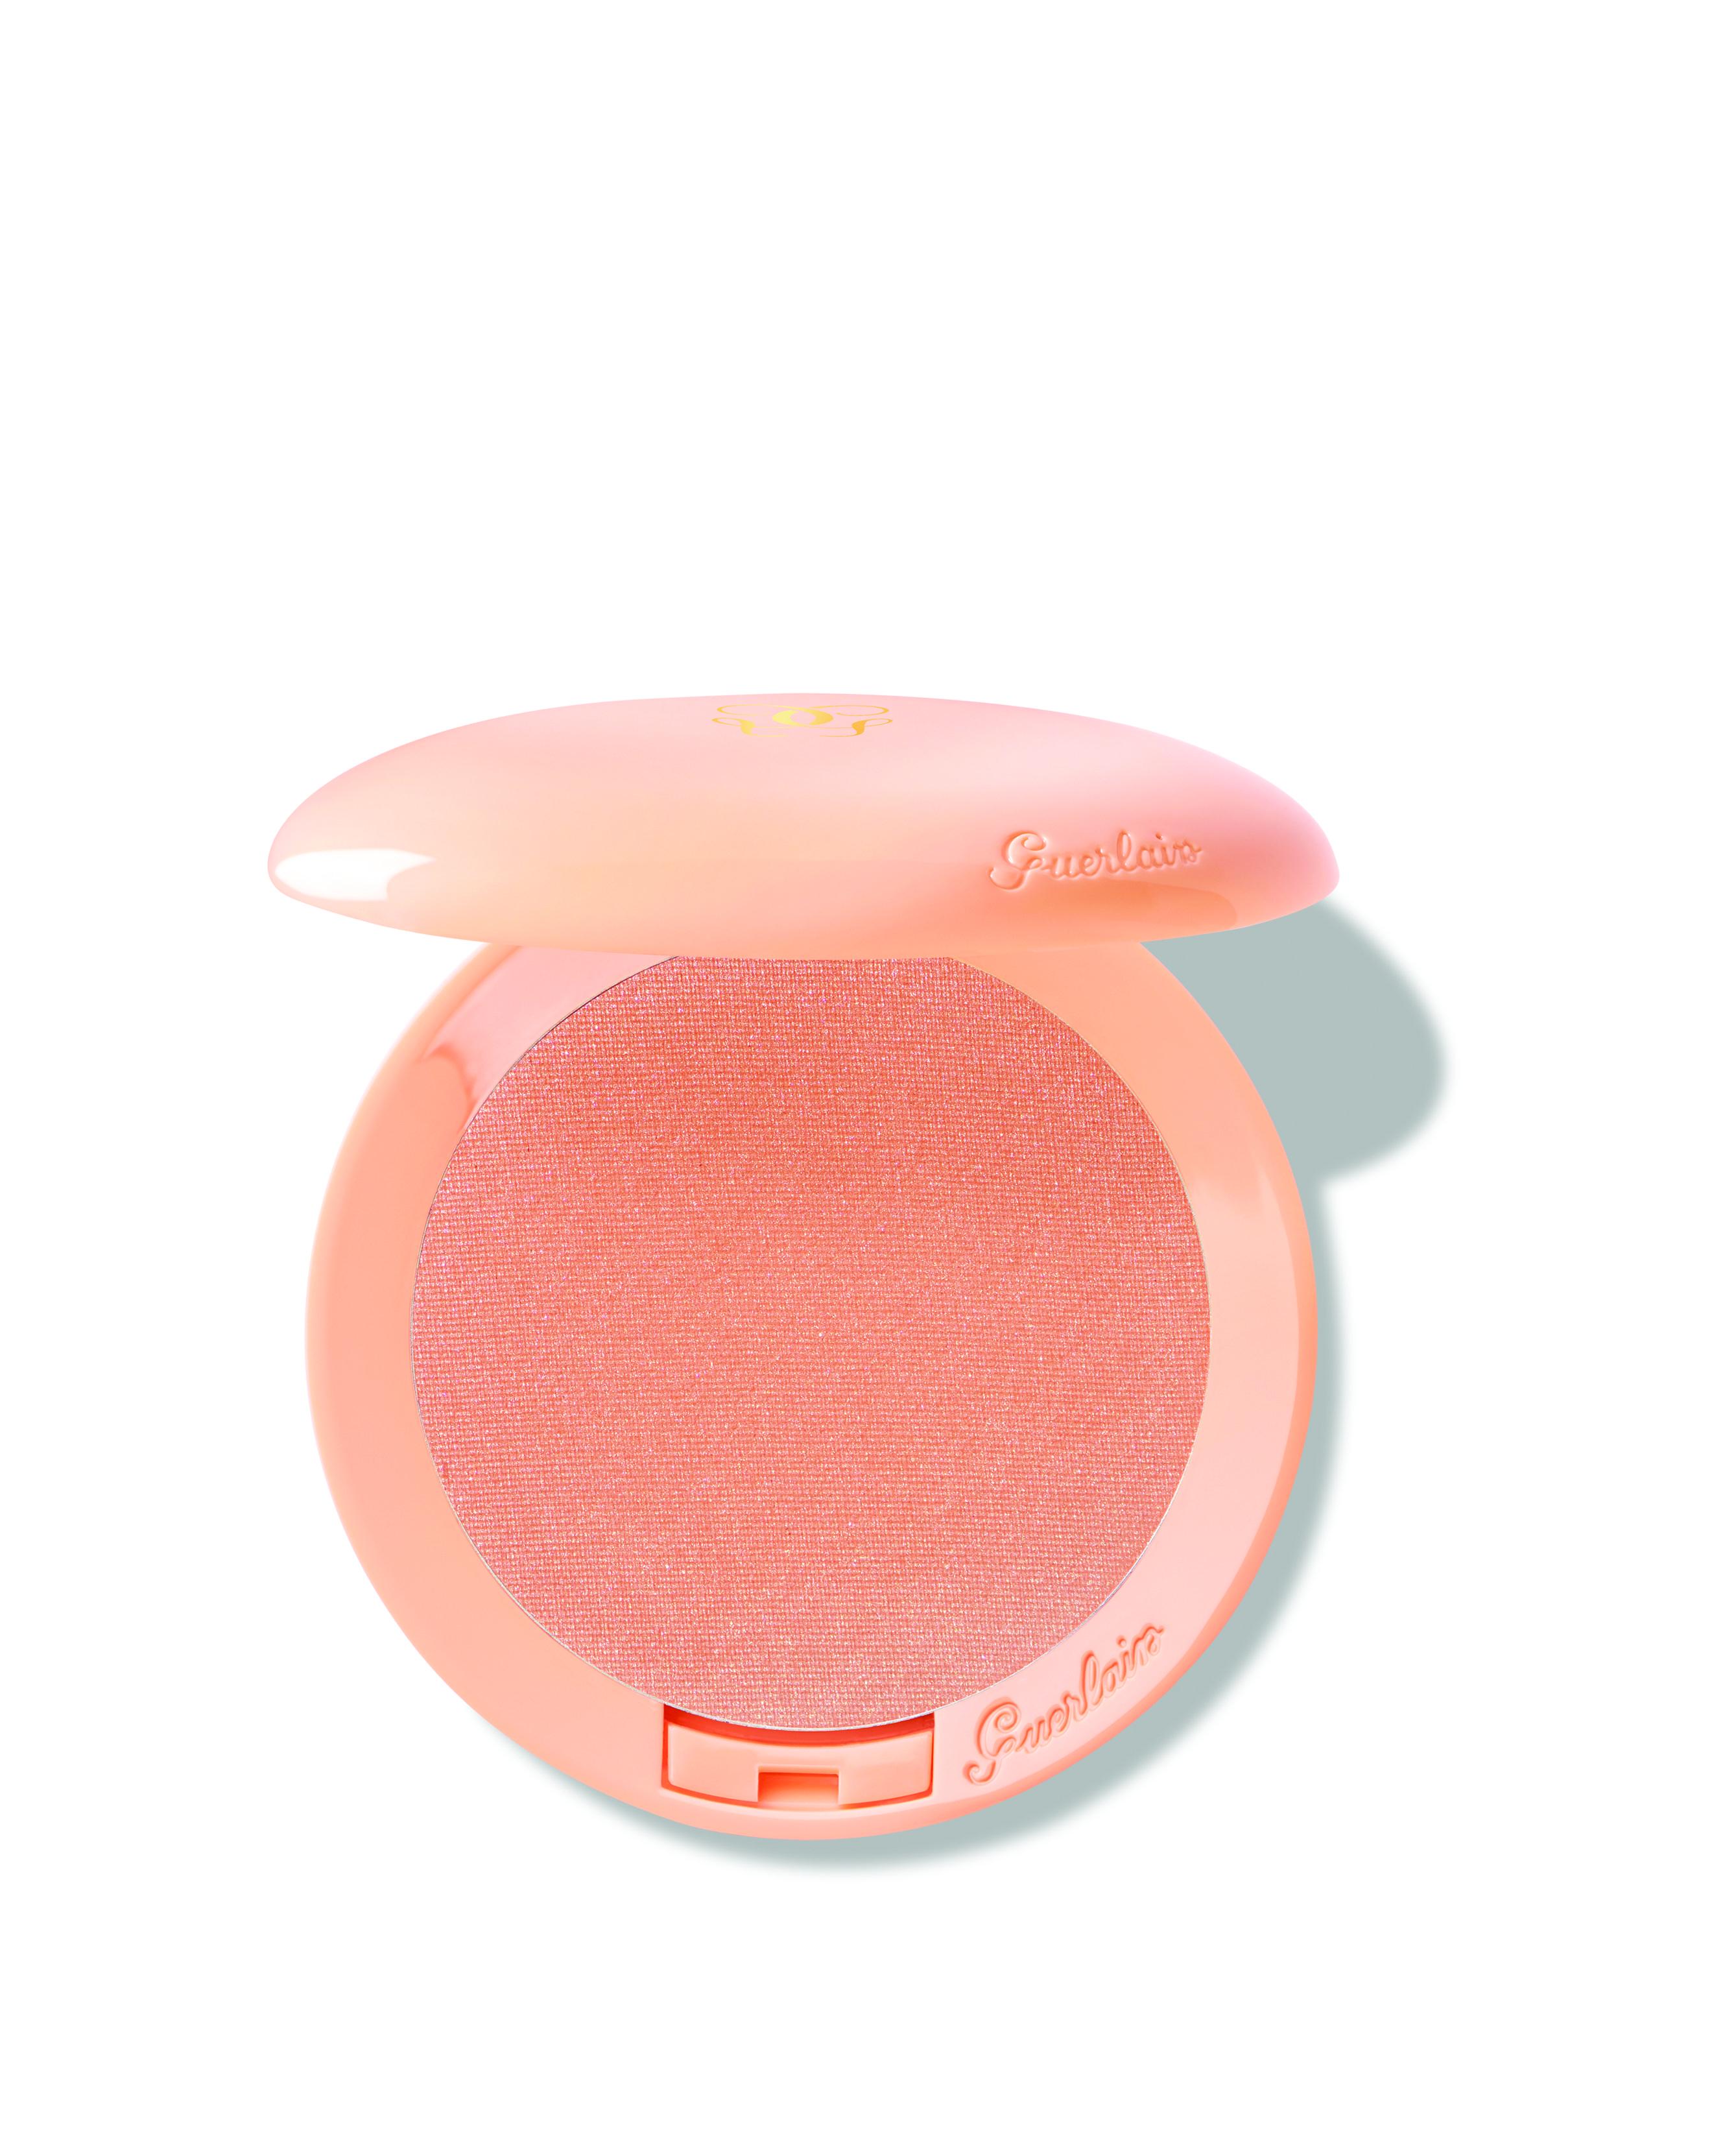 Blush Brazilian Shimmer